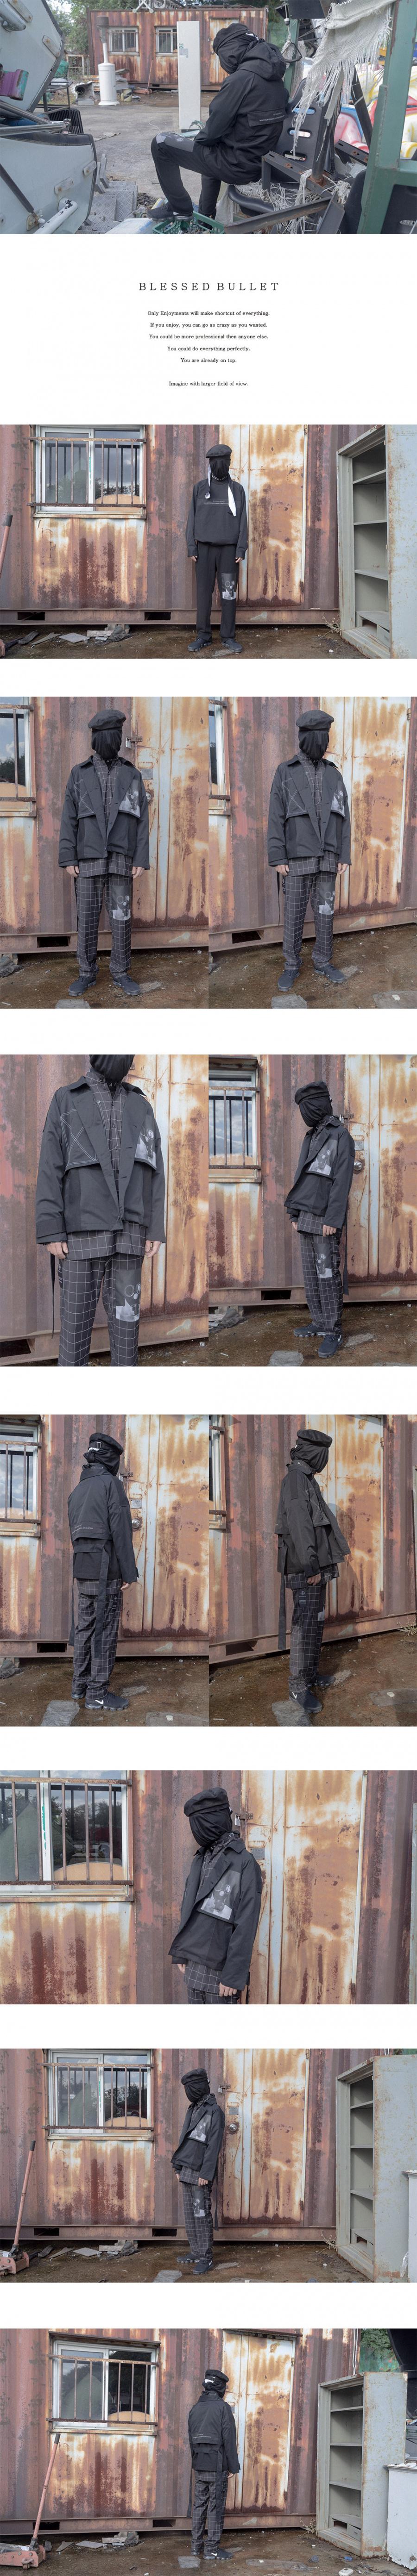 블레스드 뷸렛(BLESSED BULLET) Technical X windowpane pants